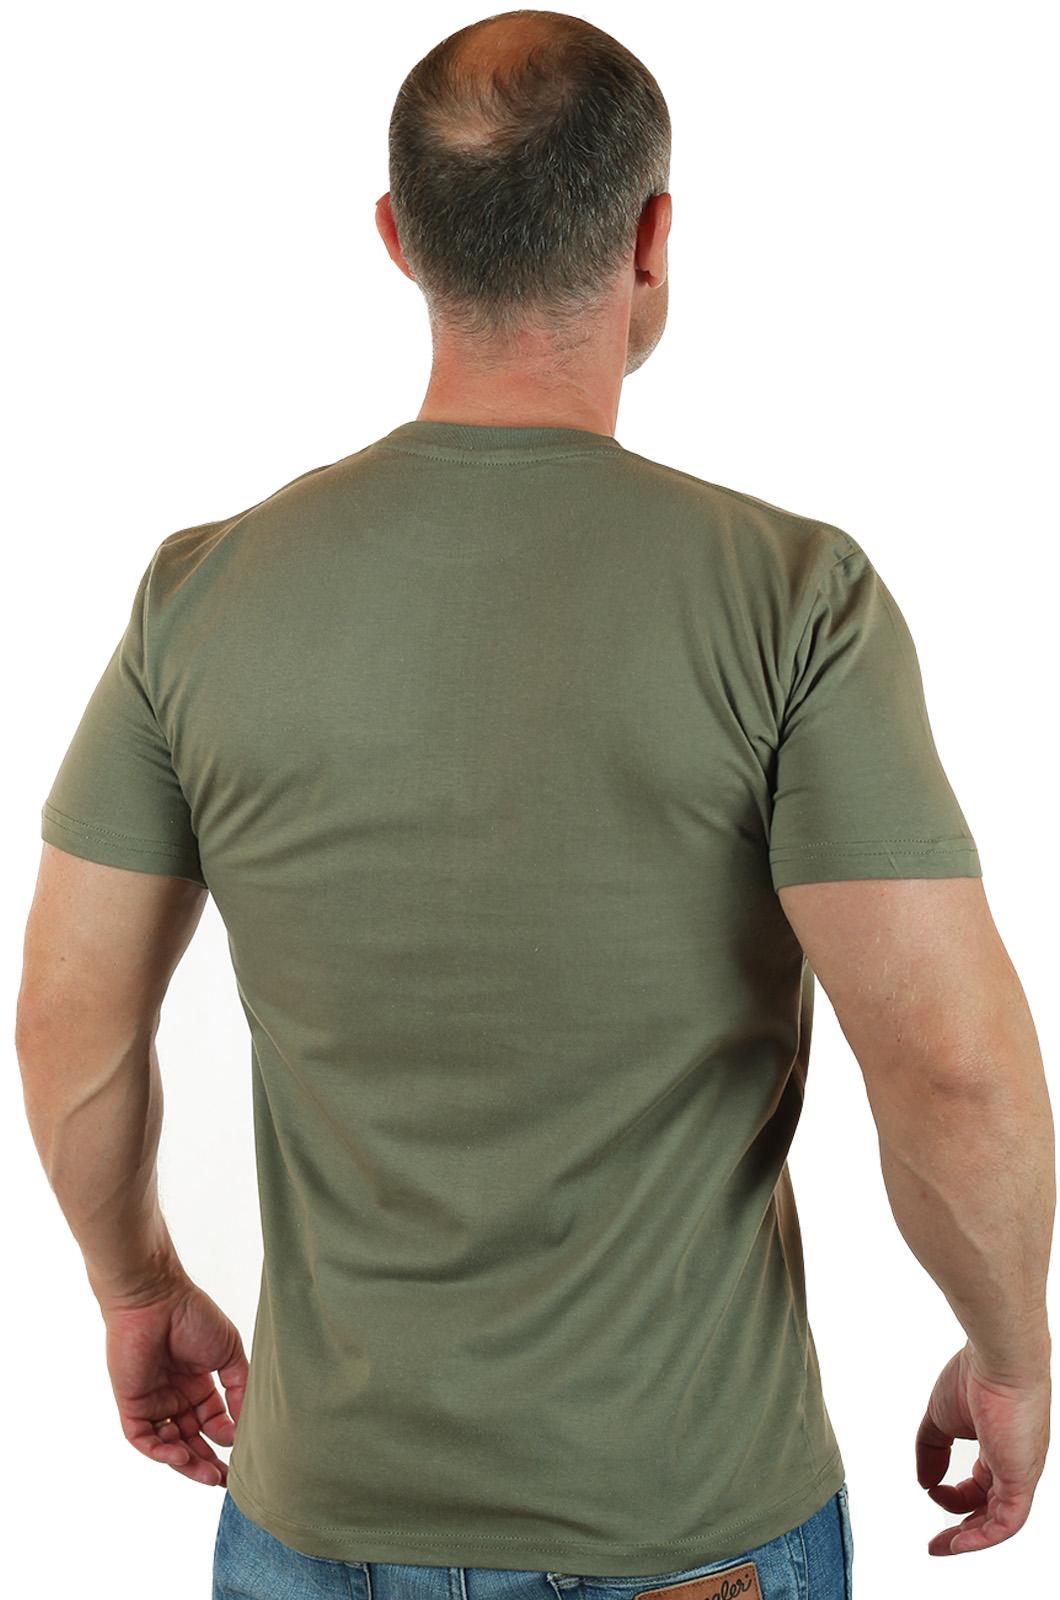 Мужская футболка с изображением Единого Бога Вселенной – Сварога.